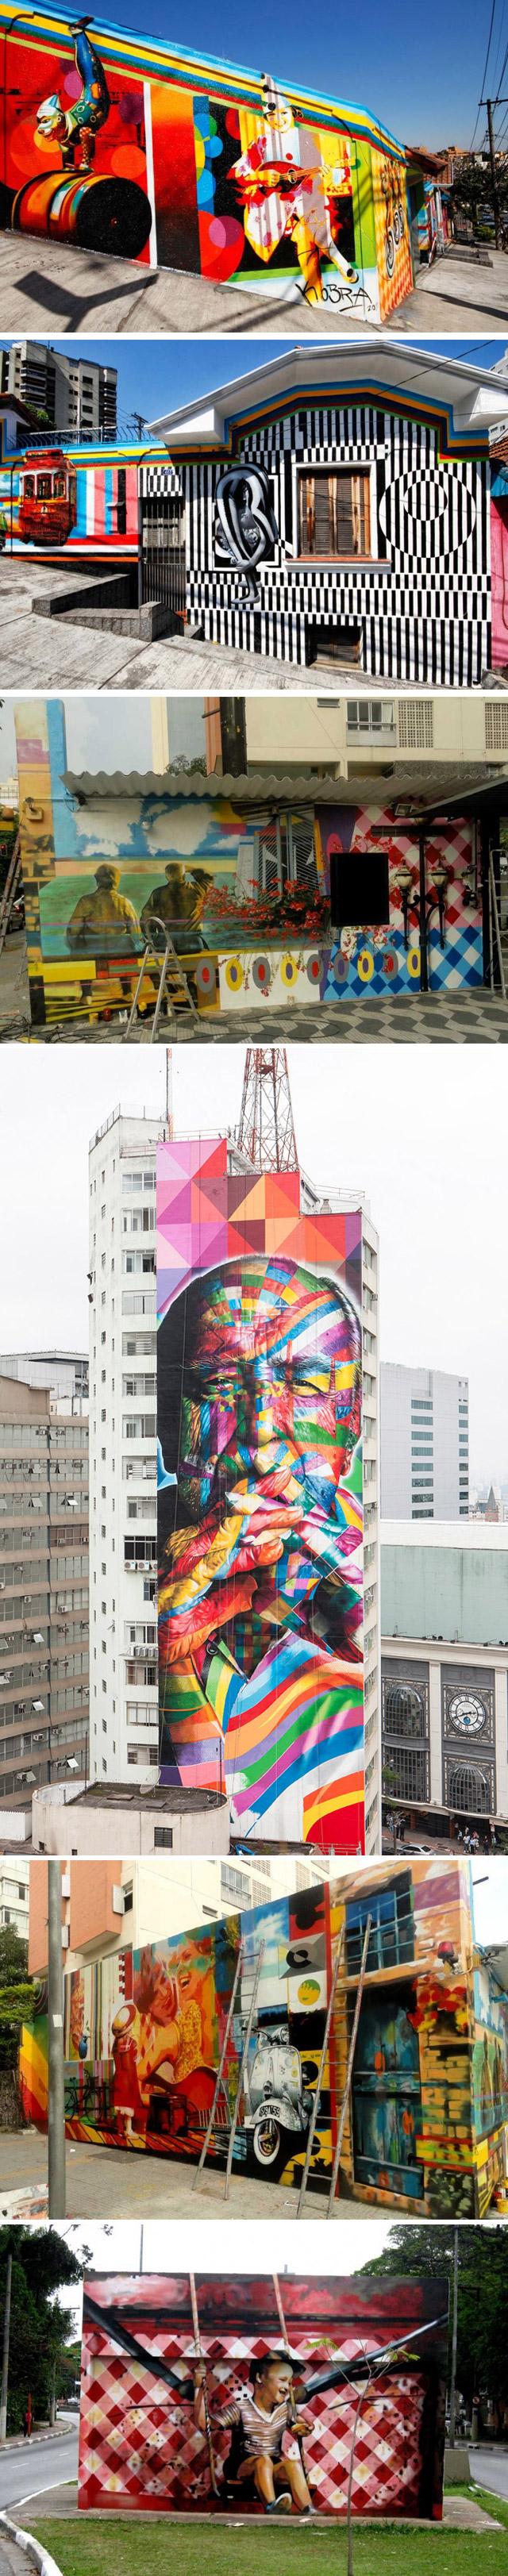 Painéis feitos por Eduardo Kobra em SP